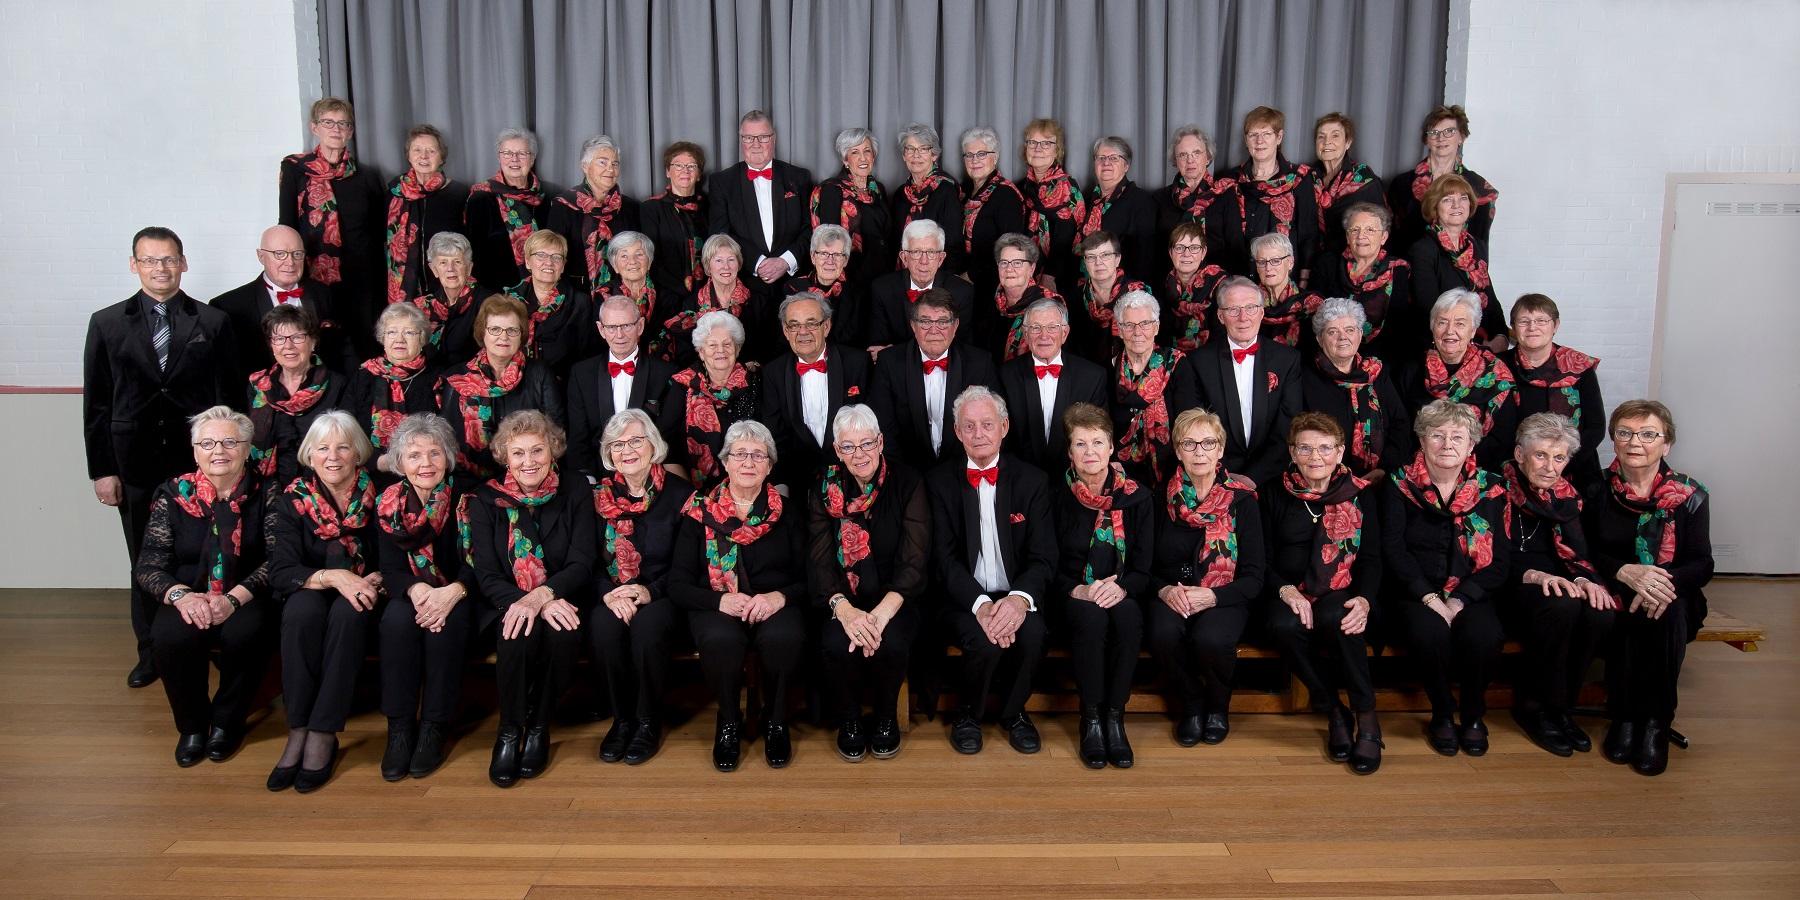 Gemengd koor Bellissimo. (Foto: Aangeleverd)